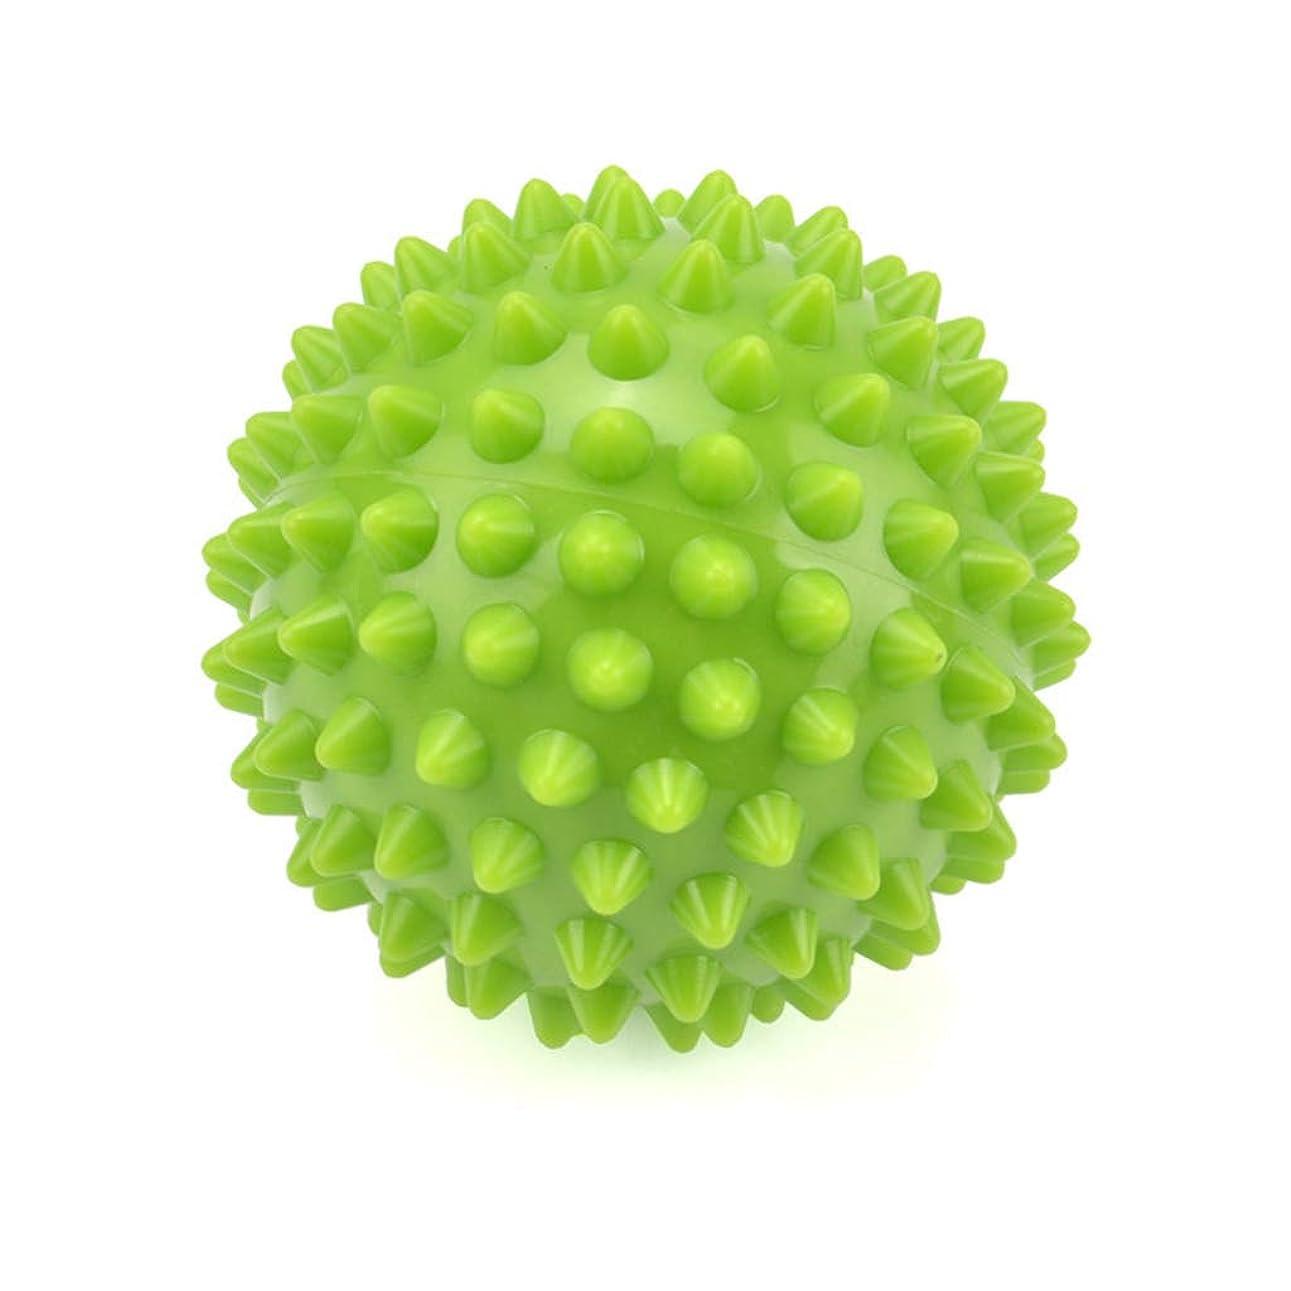 まばたきケニア休戦とがったローラーボール筋肉リラクゼーションマッサージボール、足底筋膜炎/トリガーポイント/深部組織/筋筋膜リリース8.5CmのためのエクササイズヨガPVCラクロスボール,Green